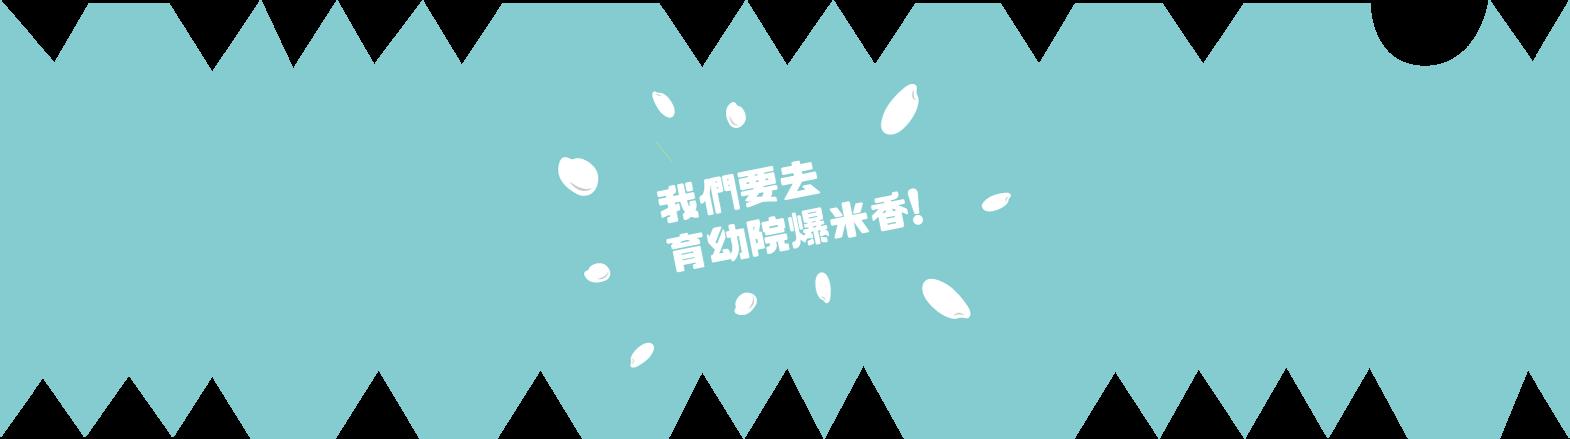 爆米香文稿WEB版1